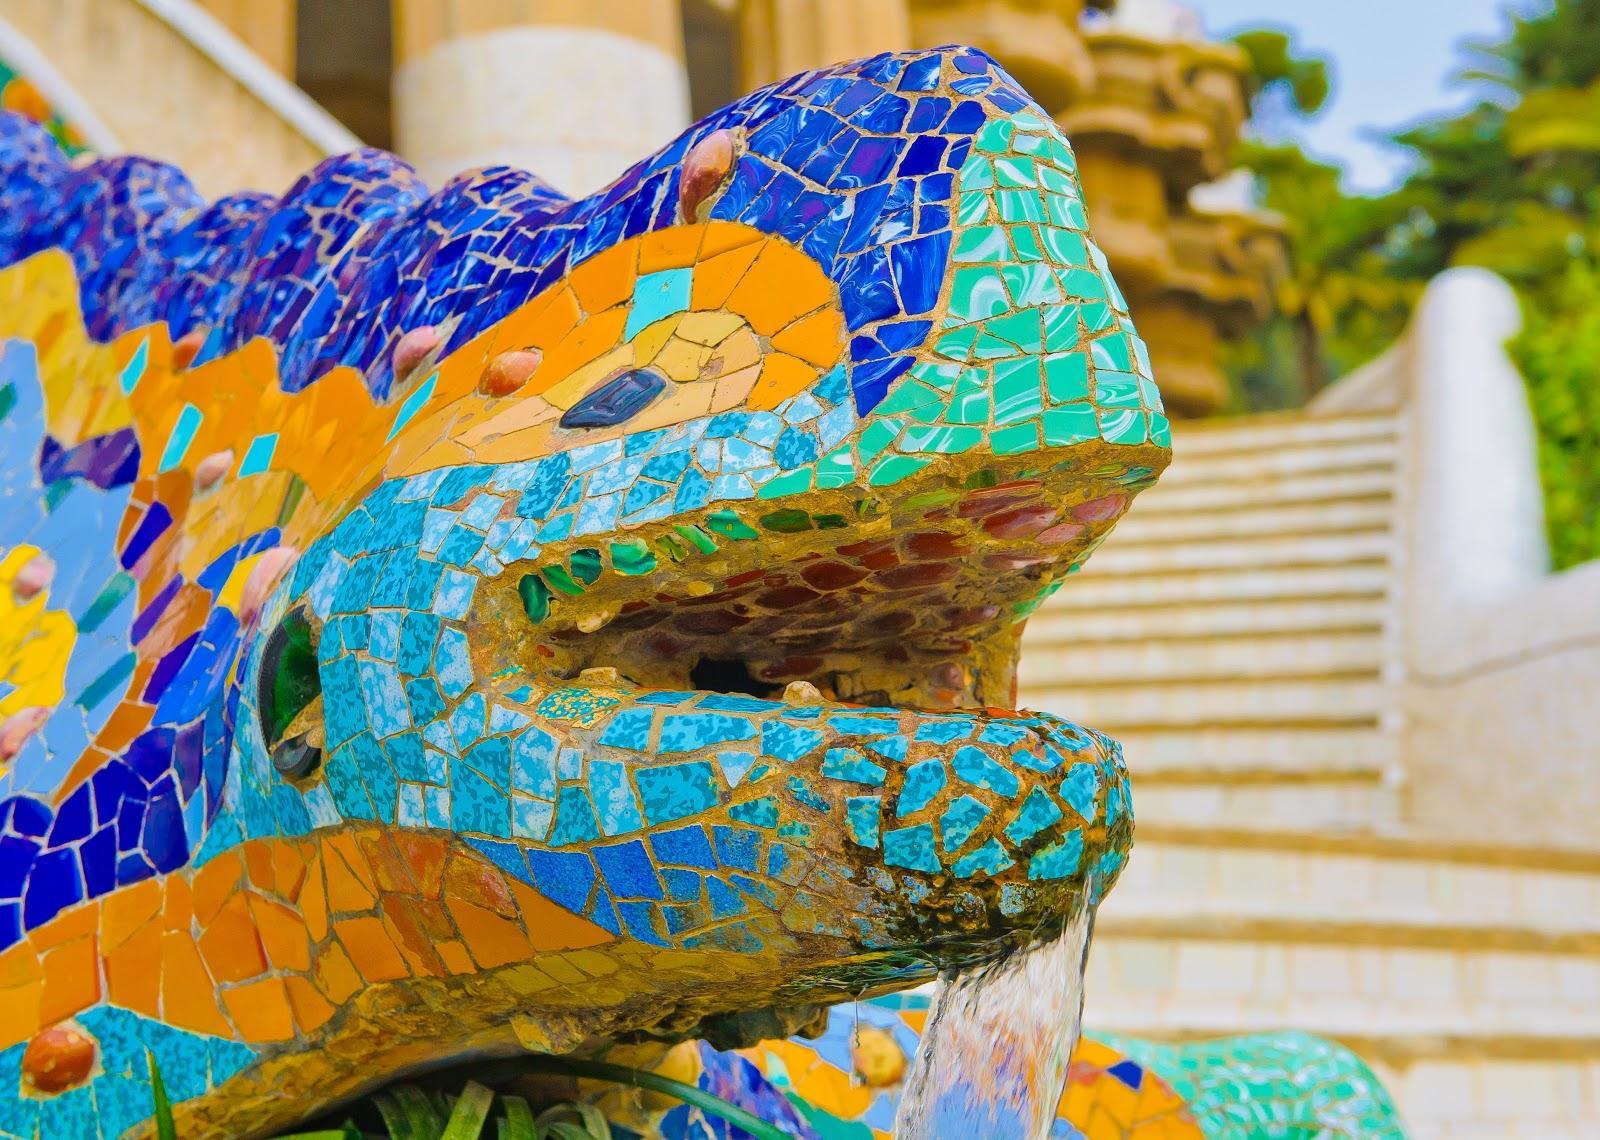 A close up photo of El Drac, the Park Guell lizard sculpture.